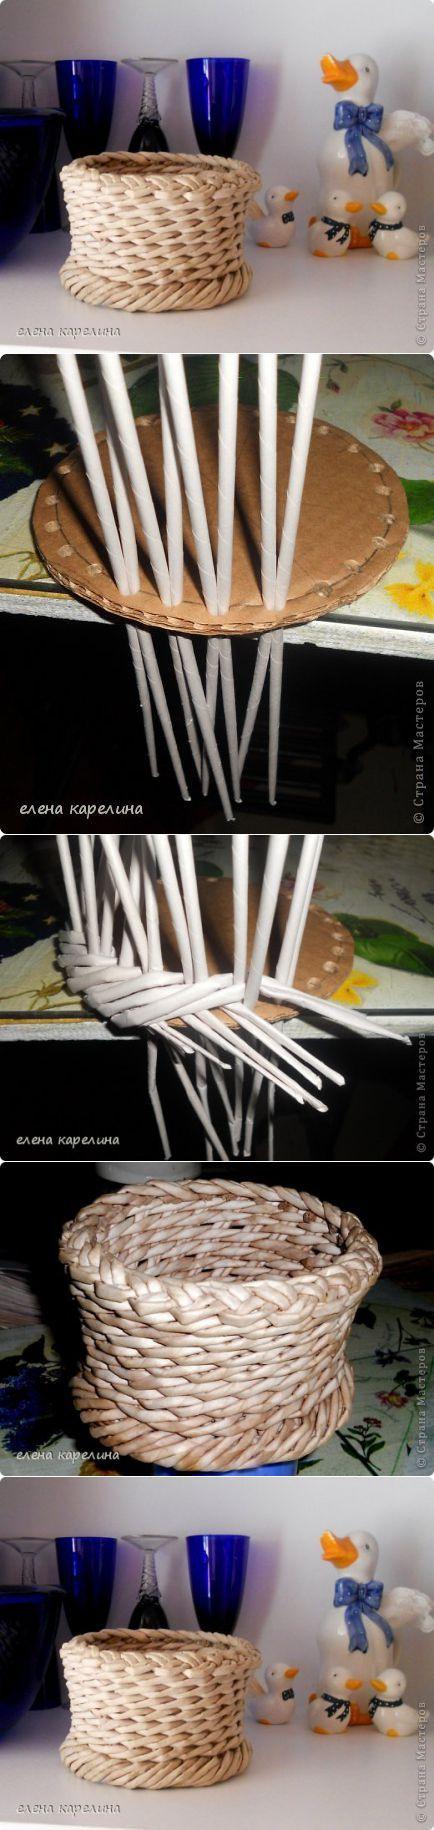 Diseñado el fondo de la cesta | Masters País | periódicos tejiendo | Poste